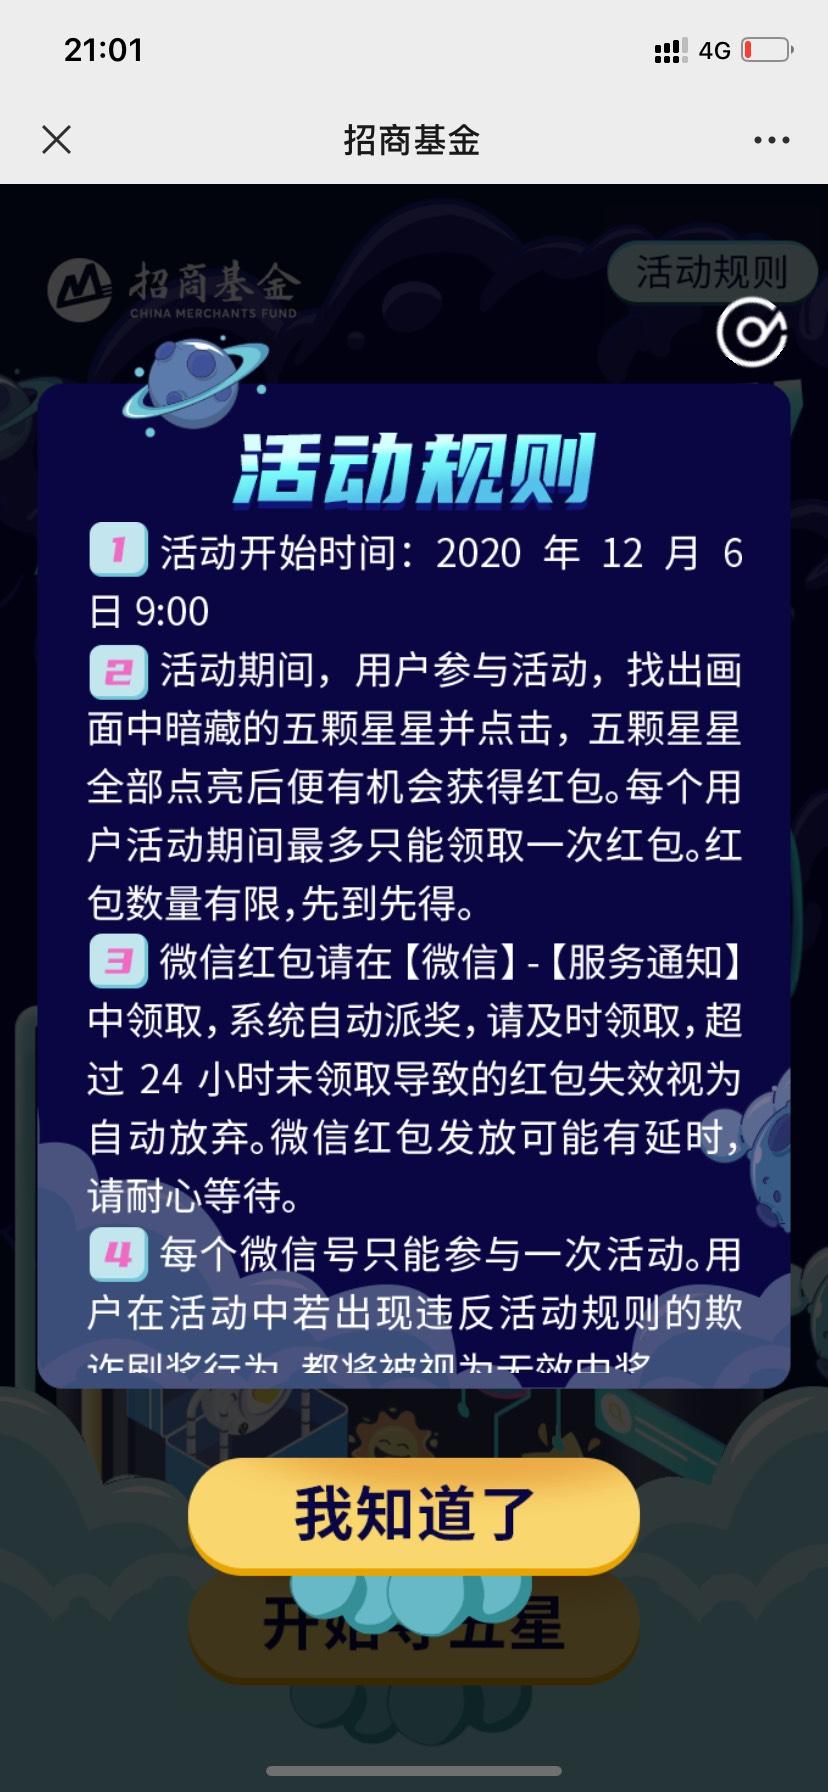 【现金红包】招商基金抽微信红包-聚合资源网